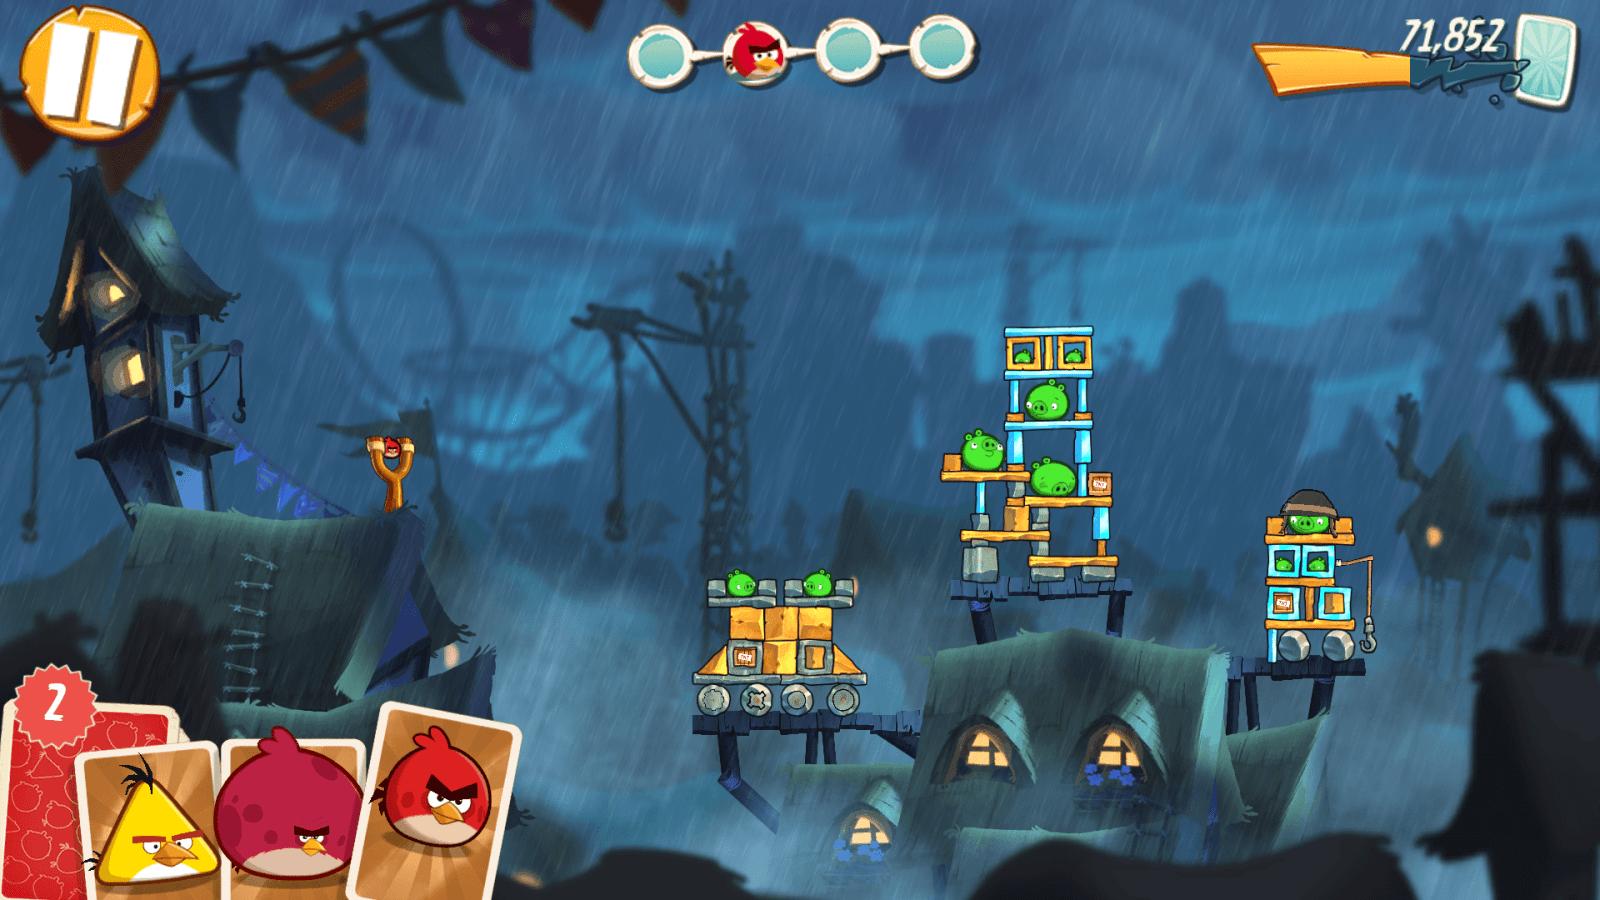 Screenshot 2015 08 24 02 56 08 - Прохождение боссов Angry Birds 2, часть 3